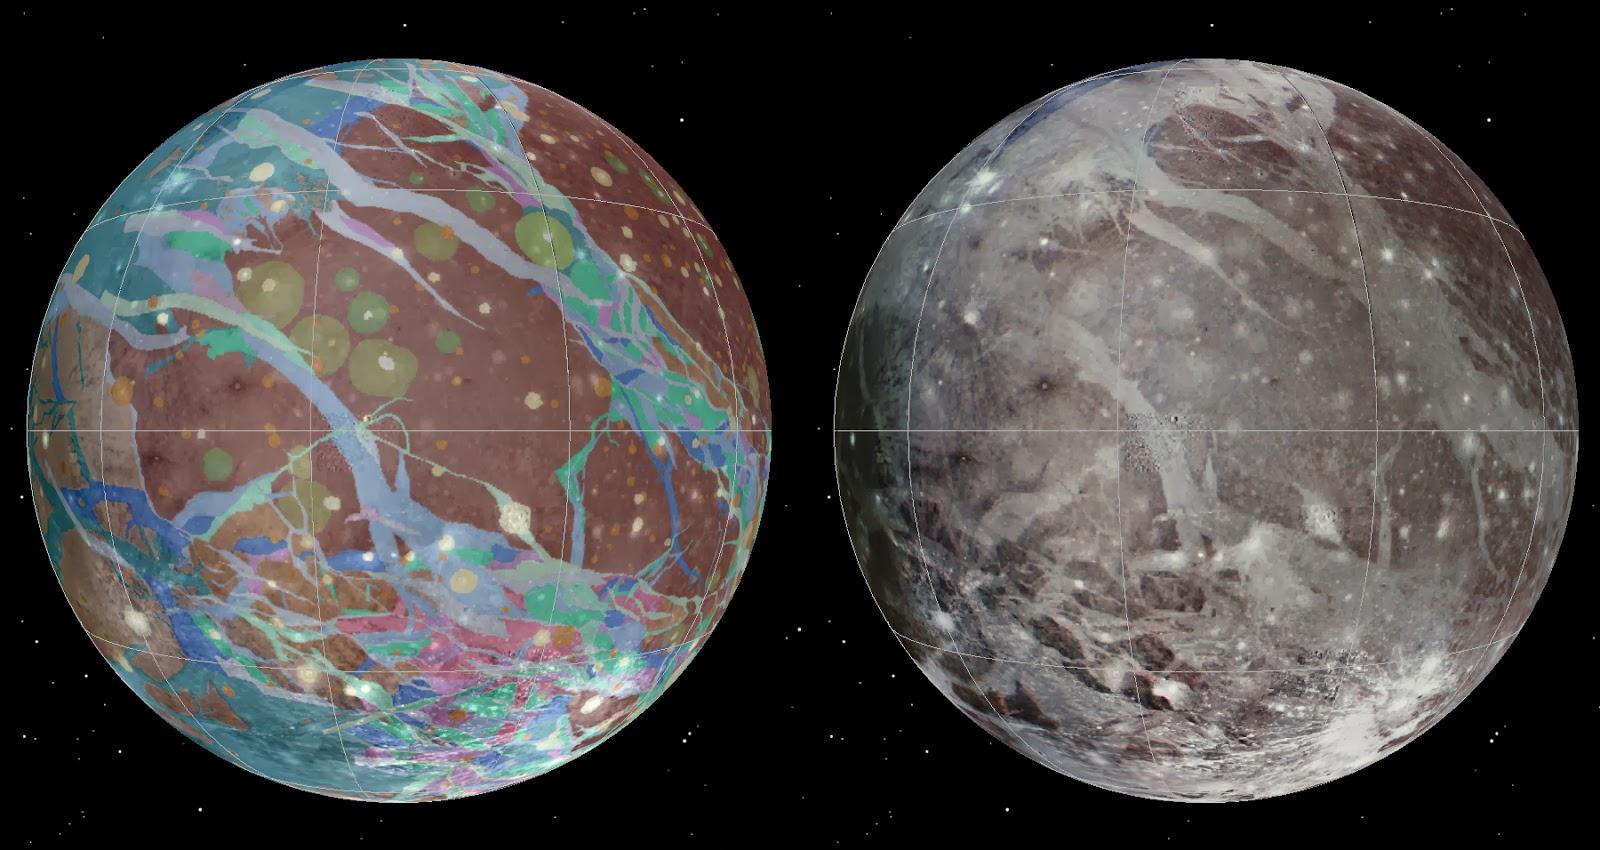 Для составления геологической карты Ганимеда были отобраны лучшие снимки, полученные аппаратами Вояджер-1, Вояджер-2 и Галилео